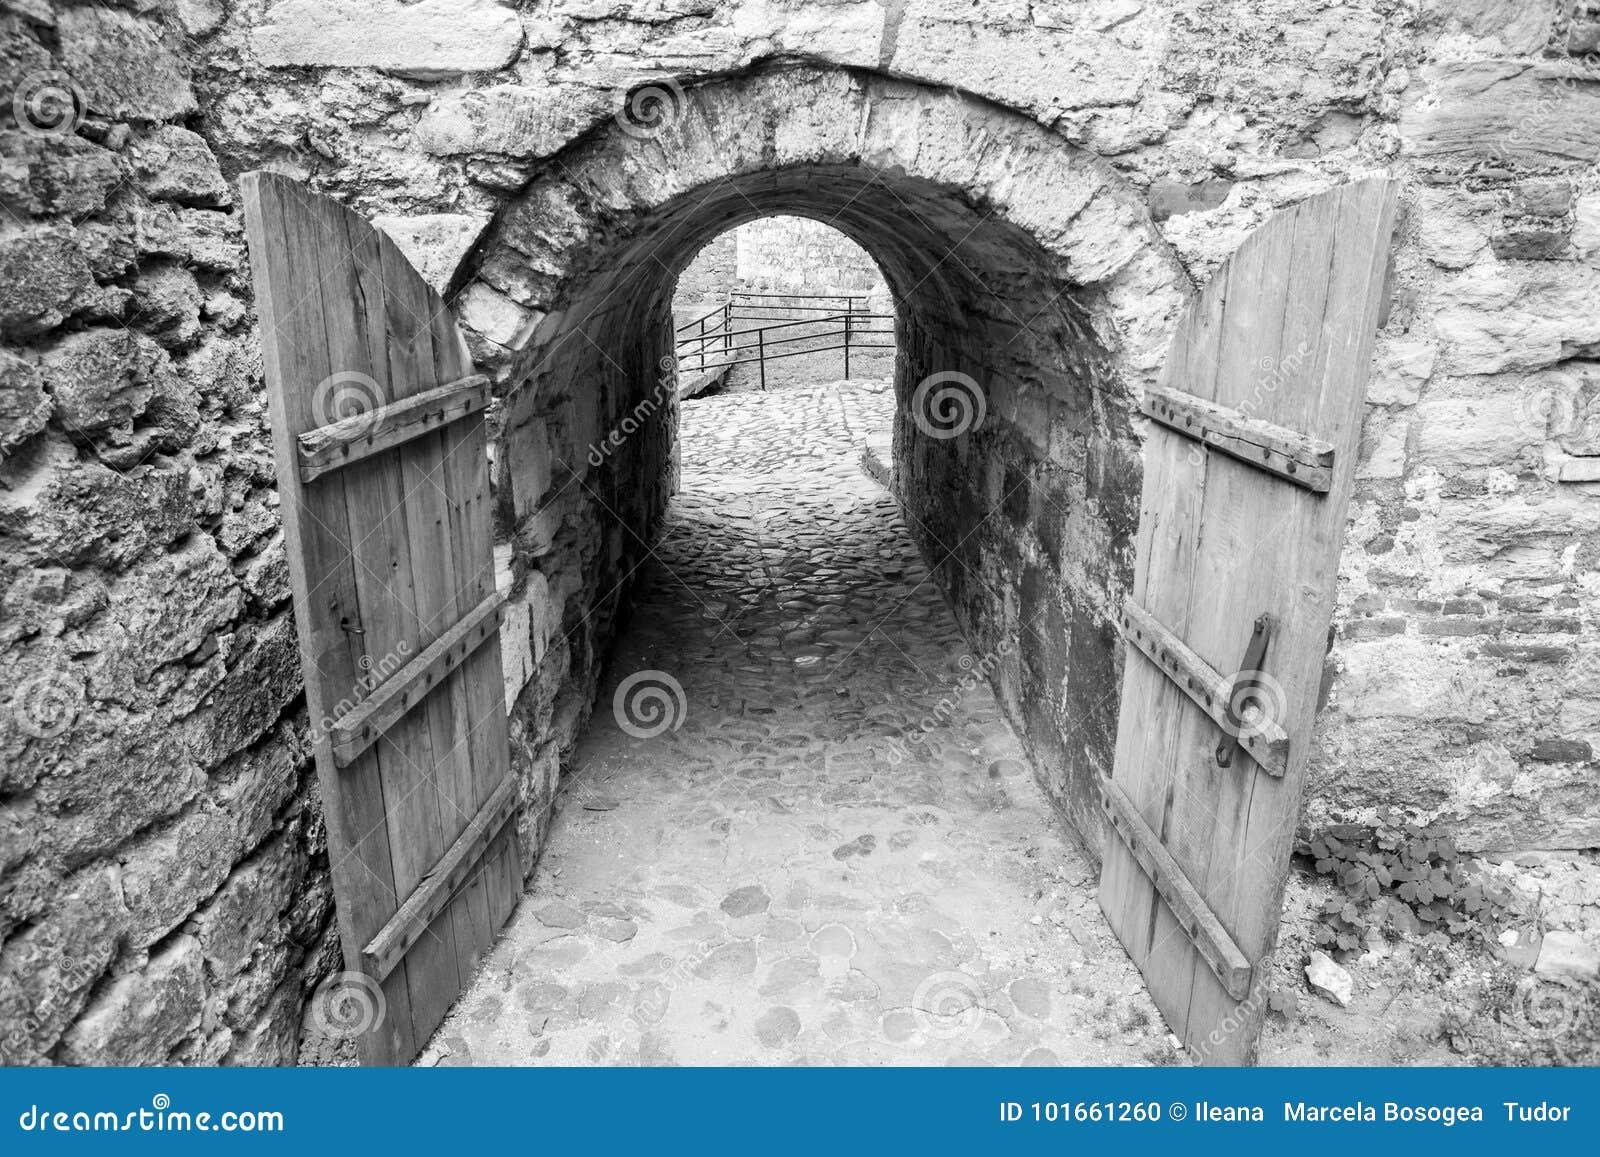 Baba Vida, eine mittelalterliche Festung in Vidin, in nordwestlichem Bulgarien